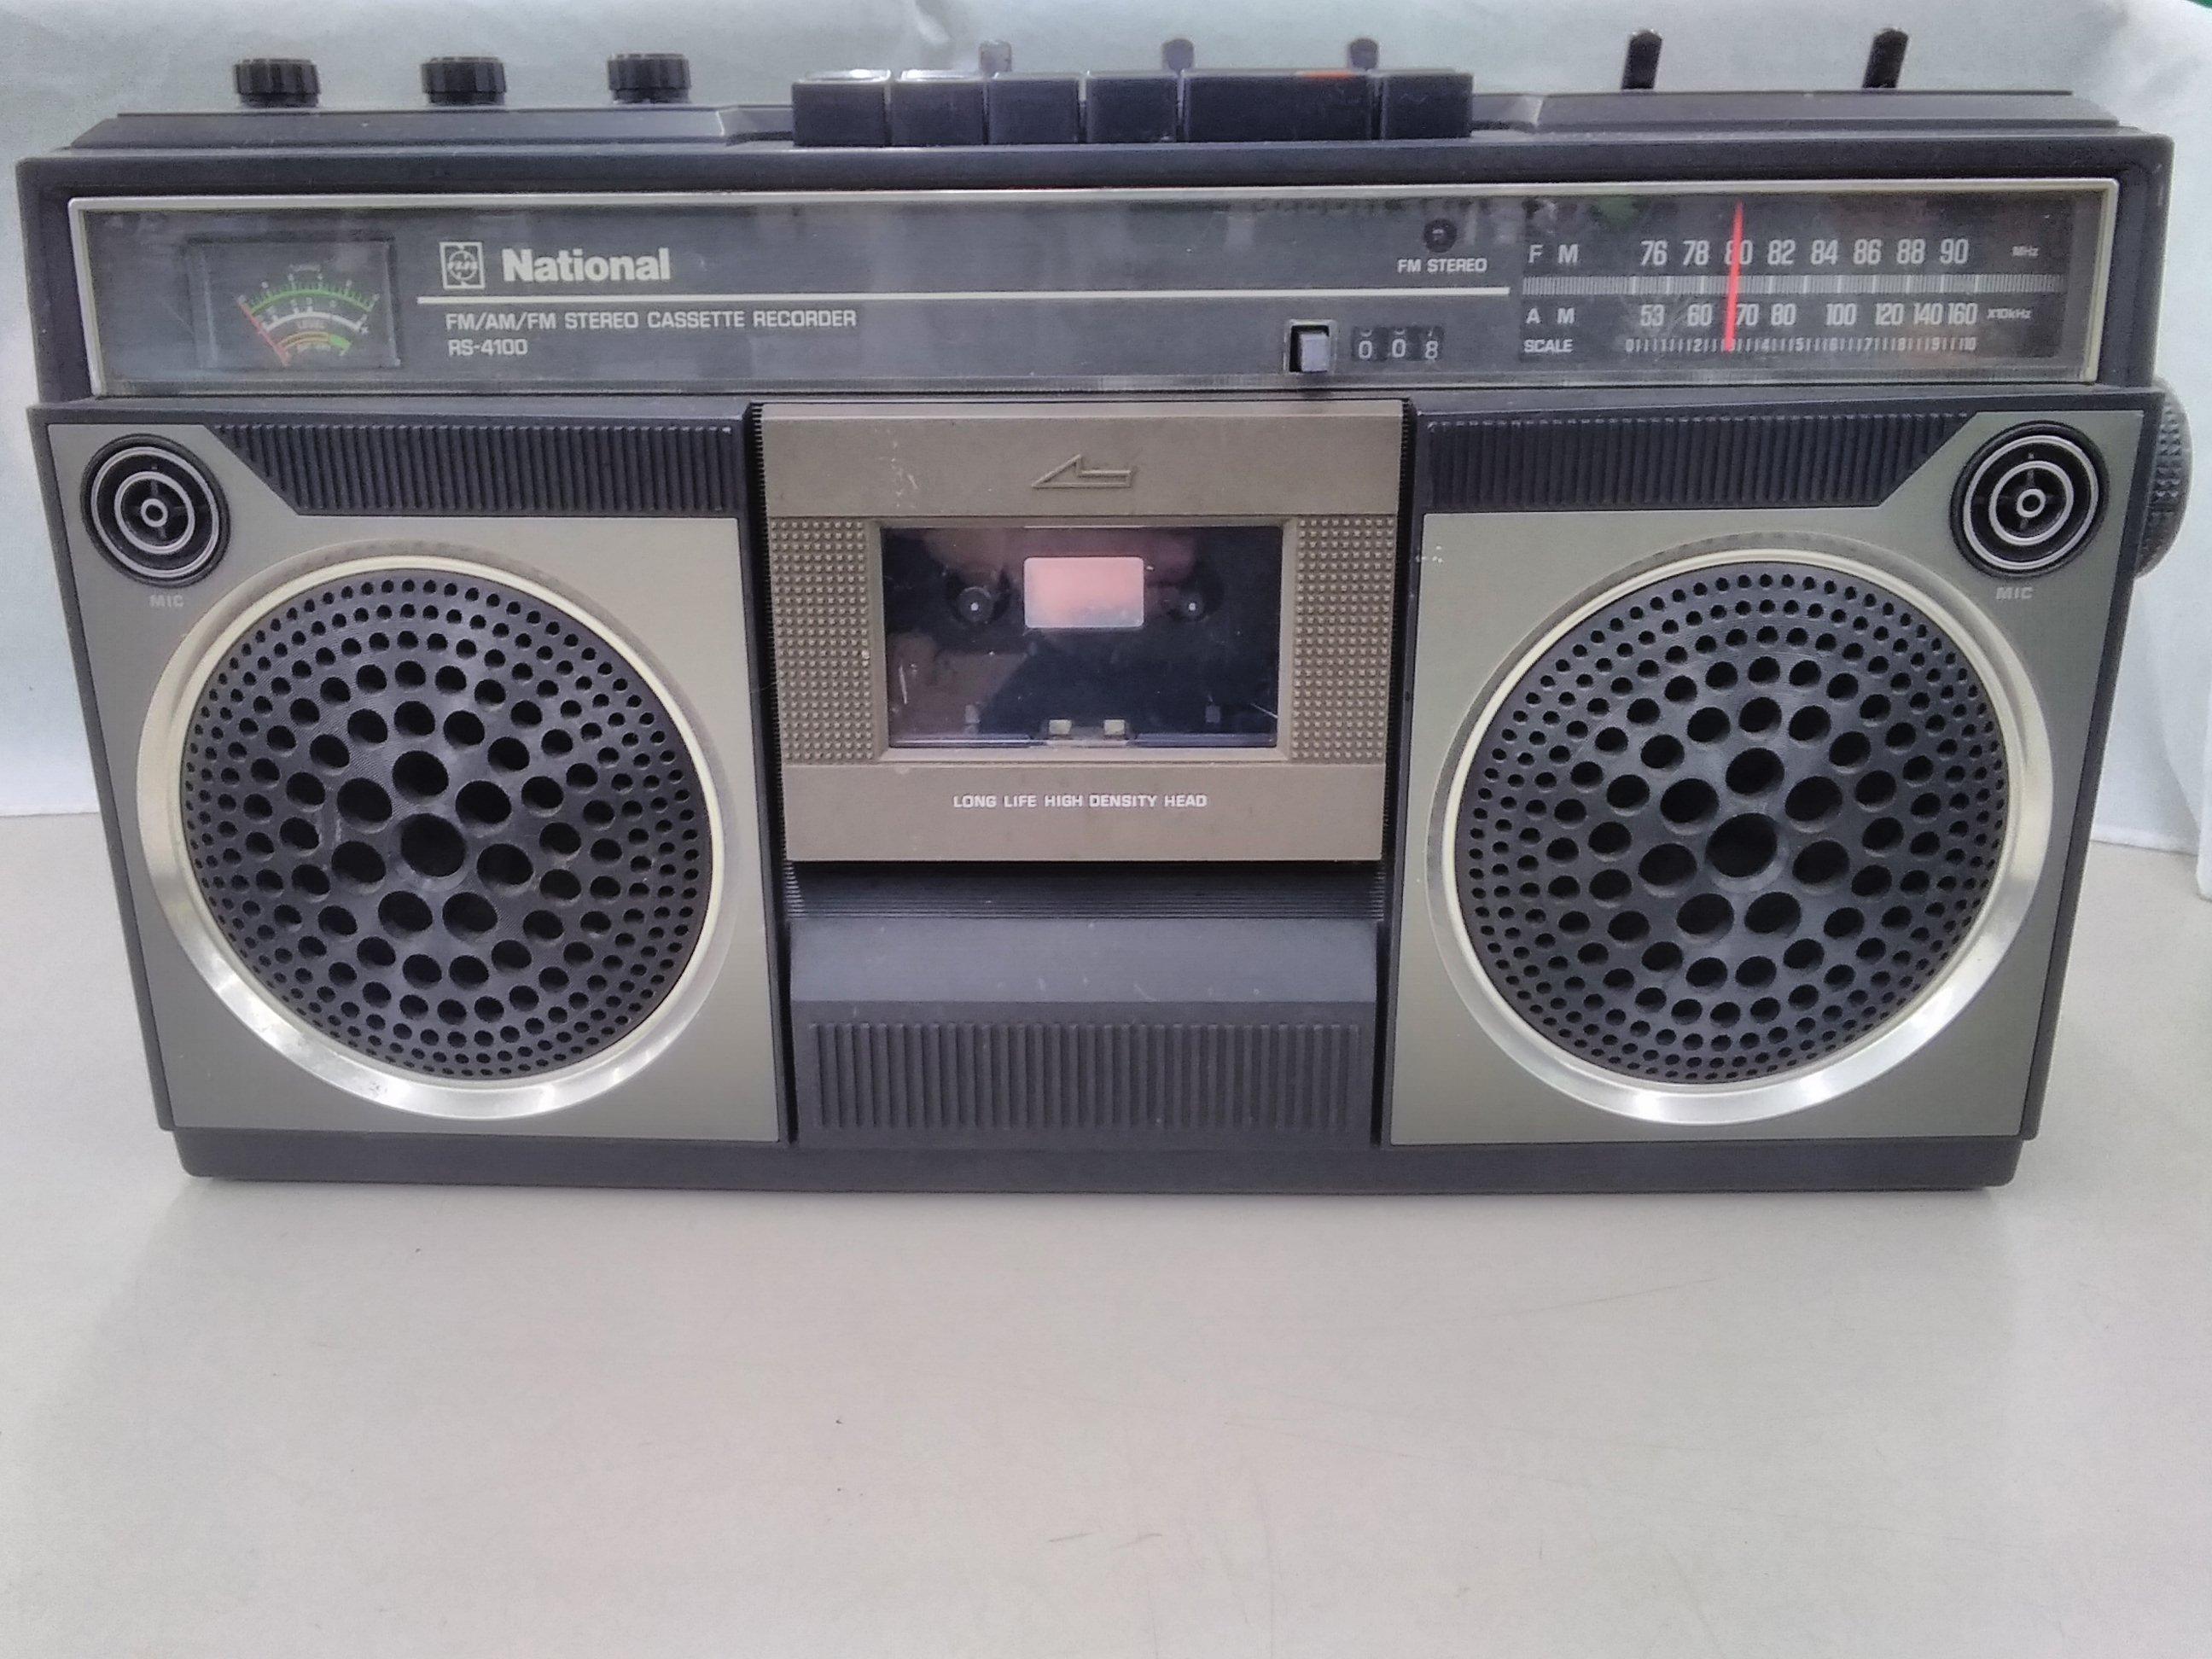 ステレオカセットレコーダー|NATIONAL